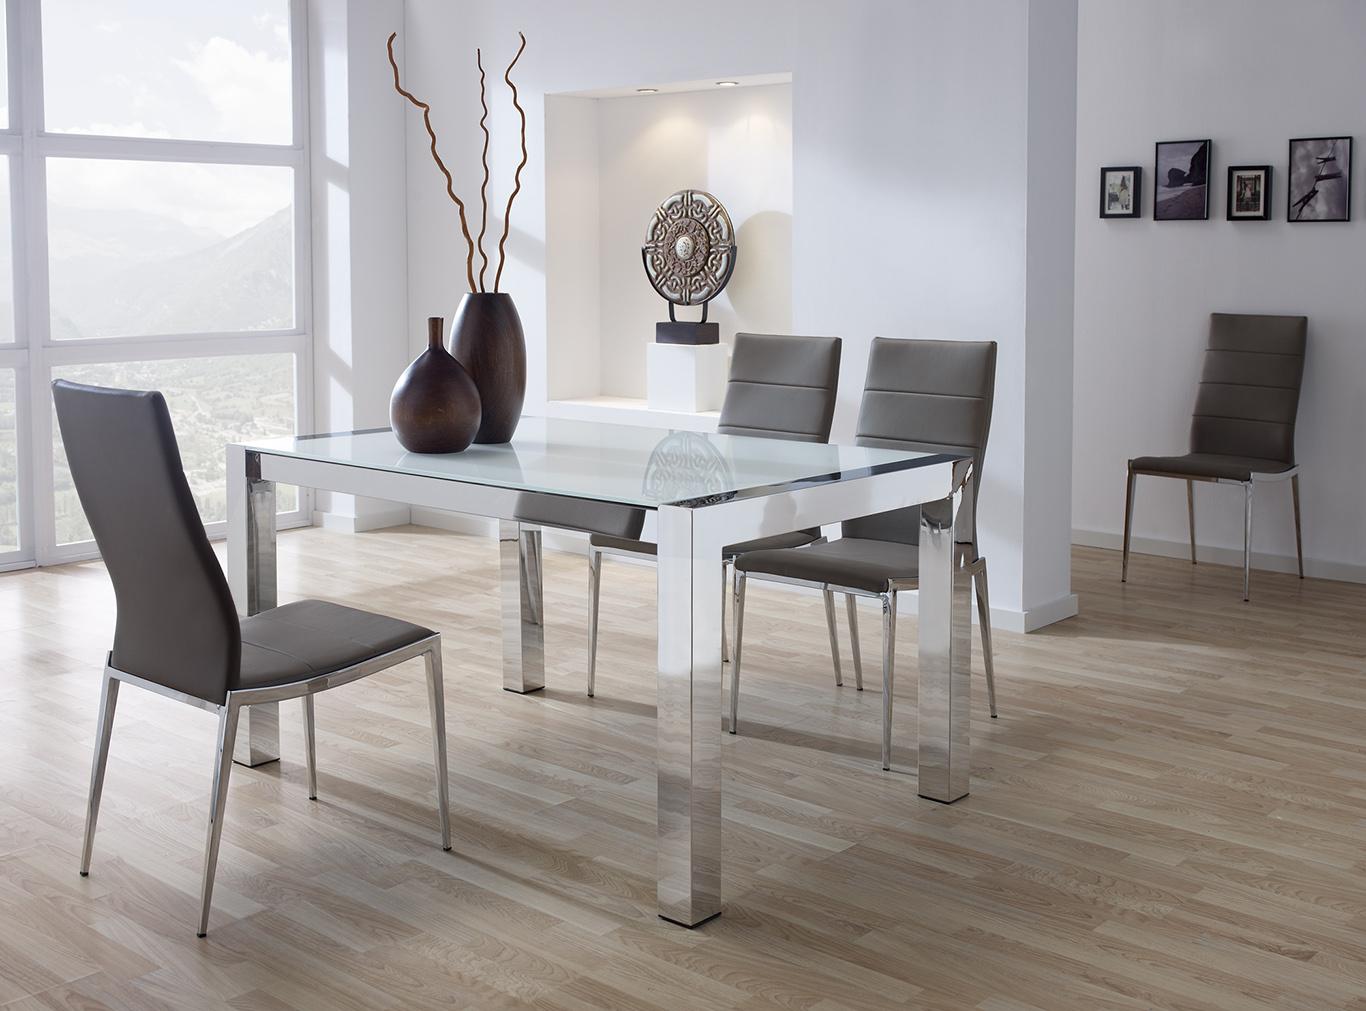 Mesas de comedor modernas for Mesas y sillas de comedor en carrefour